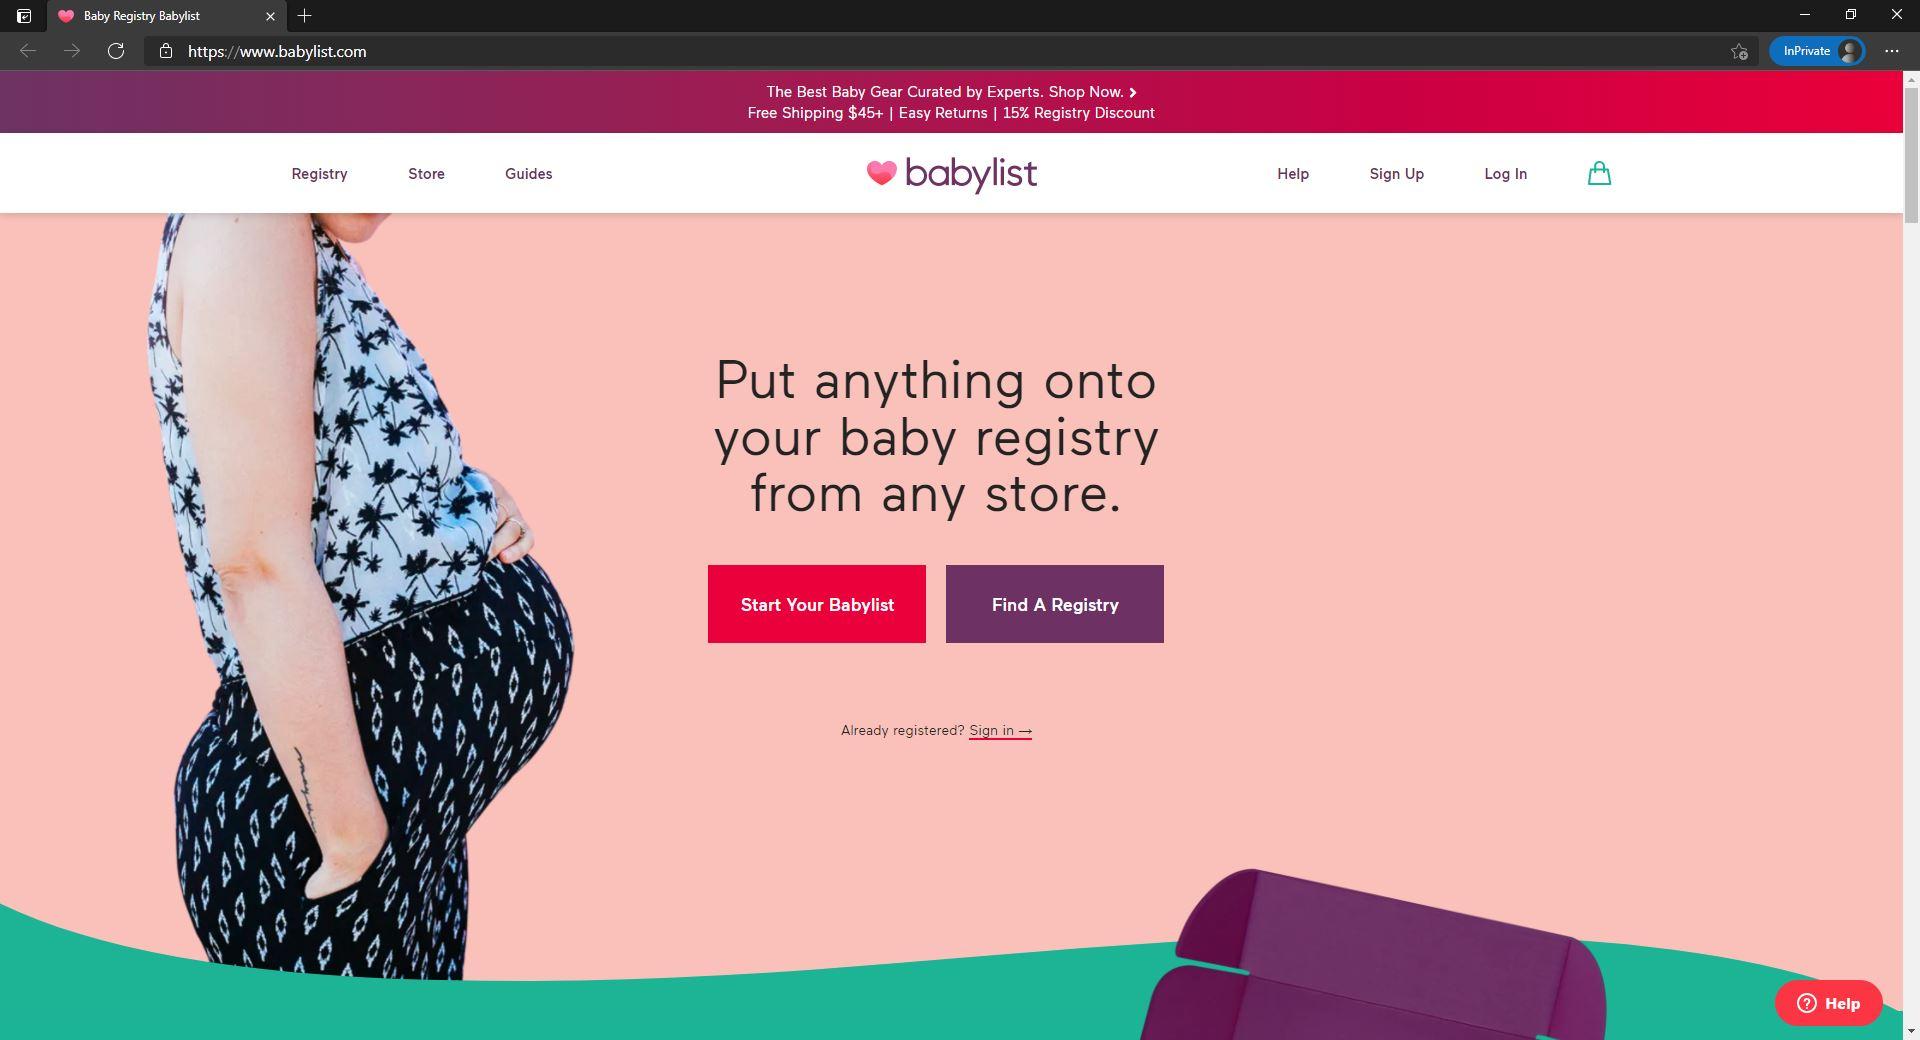 Babylist website homepage